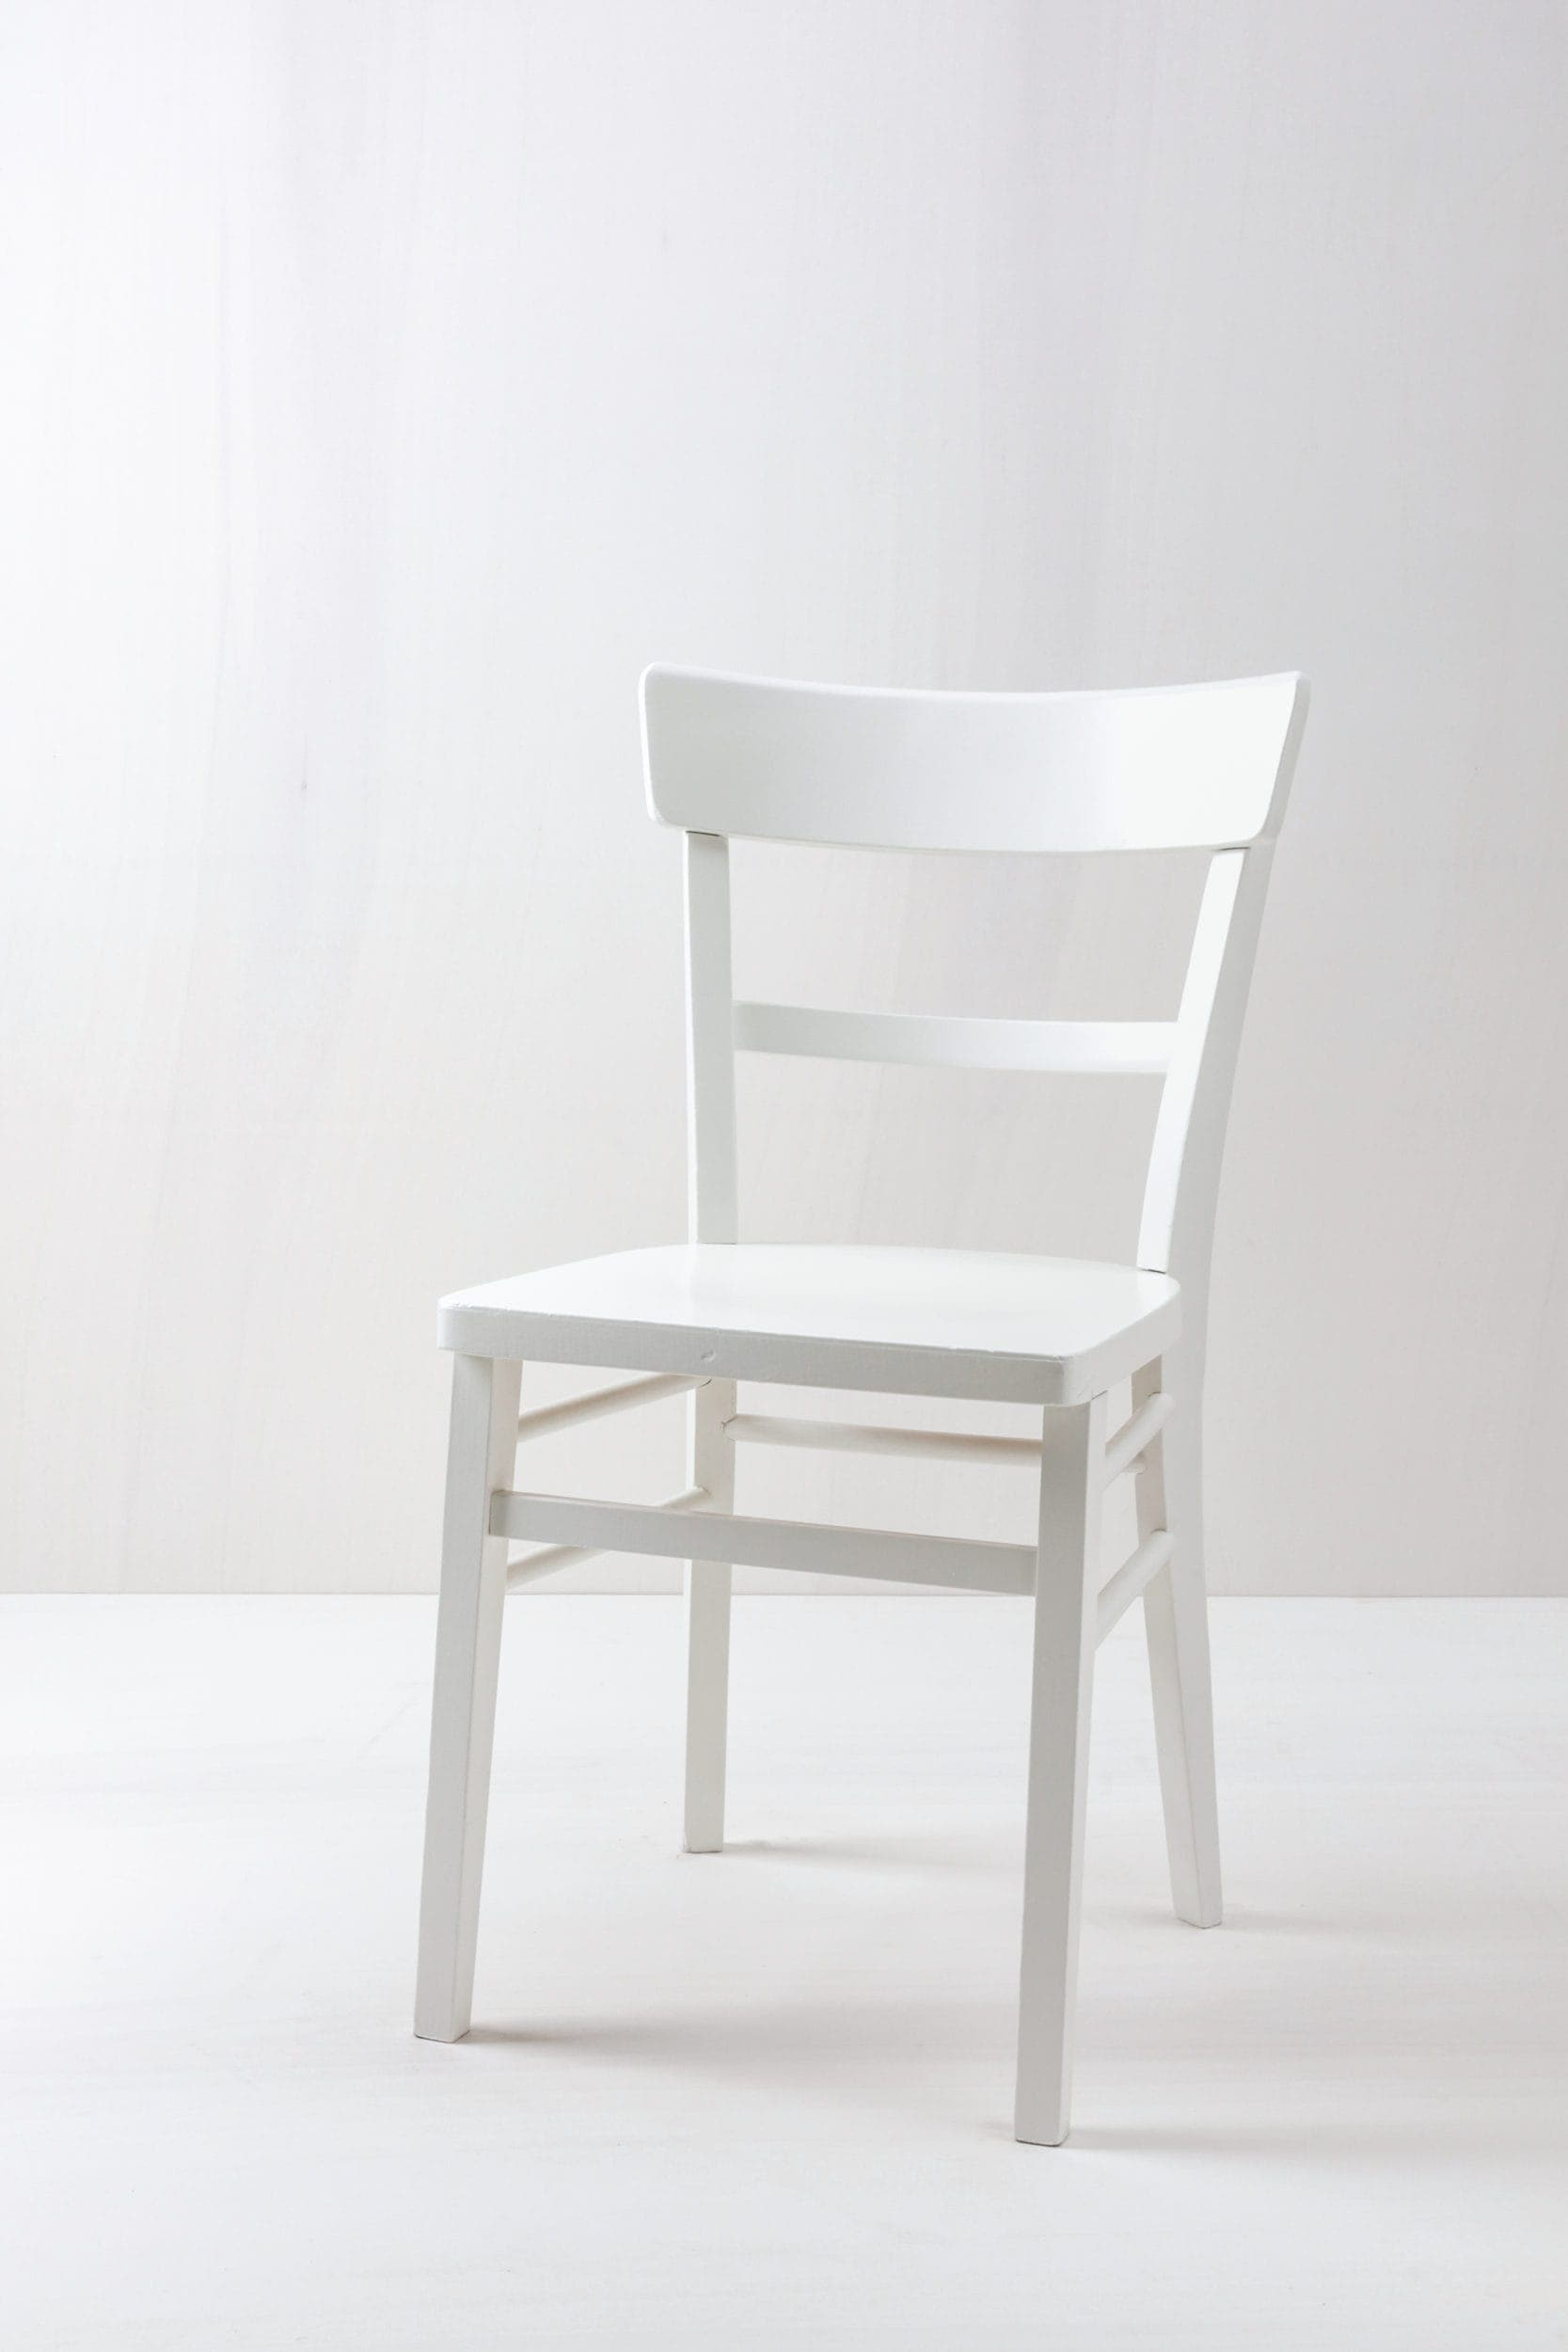 Mietmobiliar, Stühle mieten, Tische mieten, Hochzeit